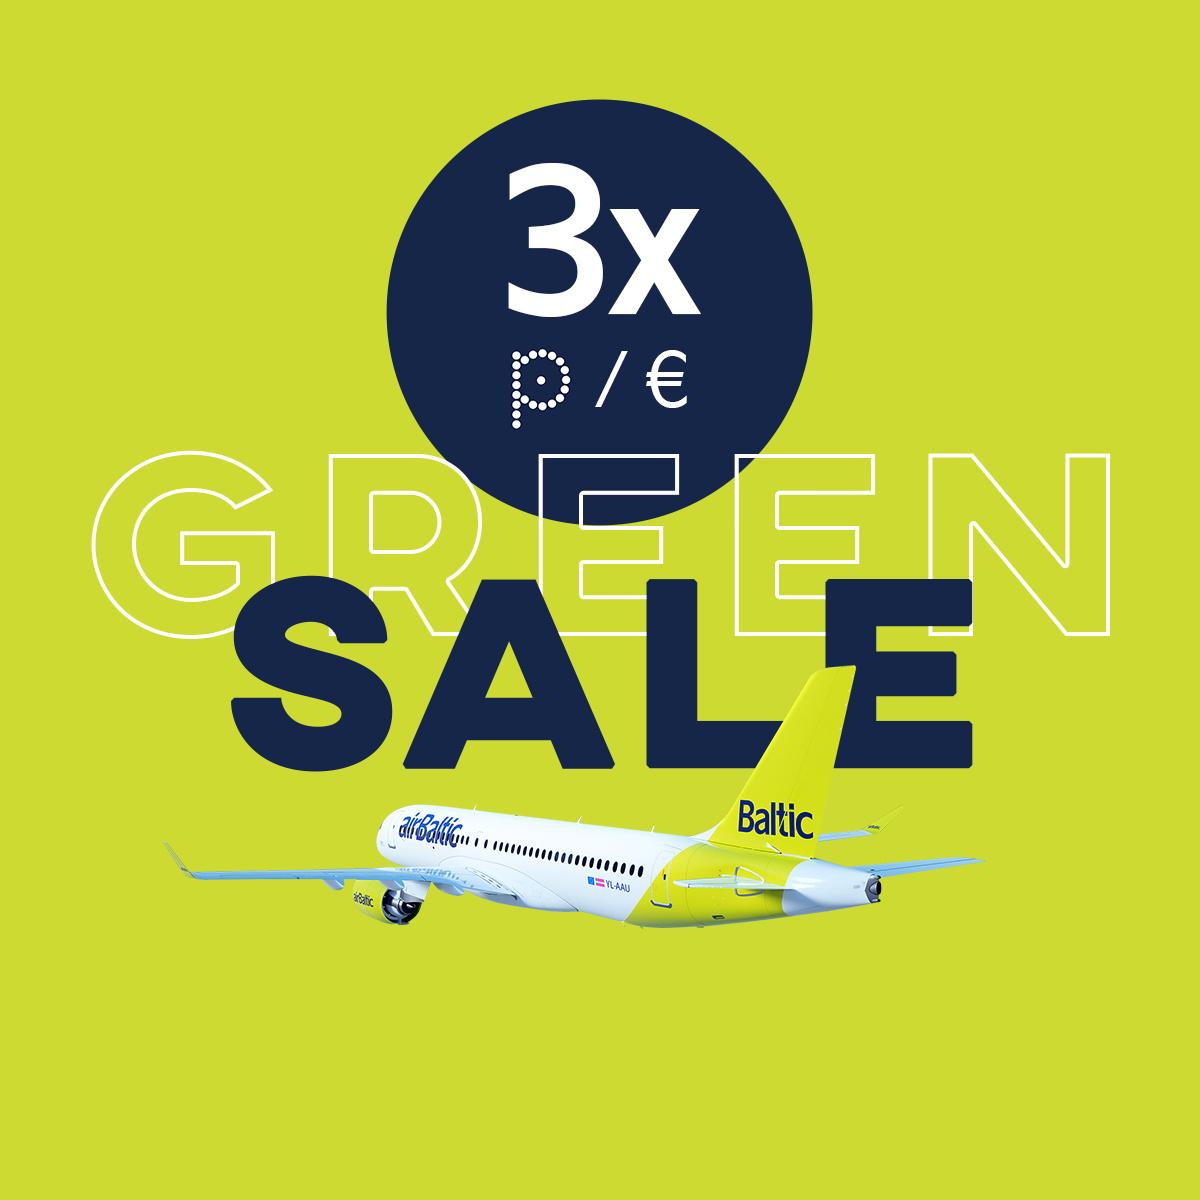 Flight SALE is here – earn triple points! image